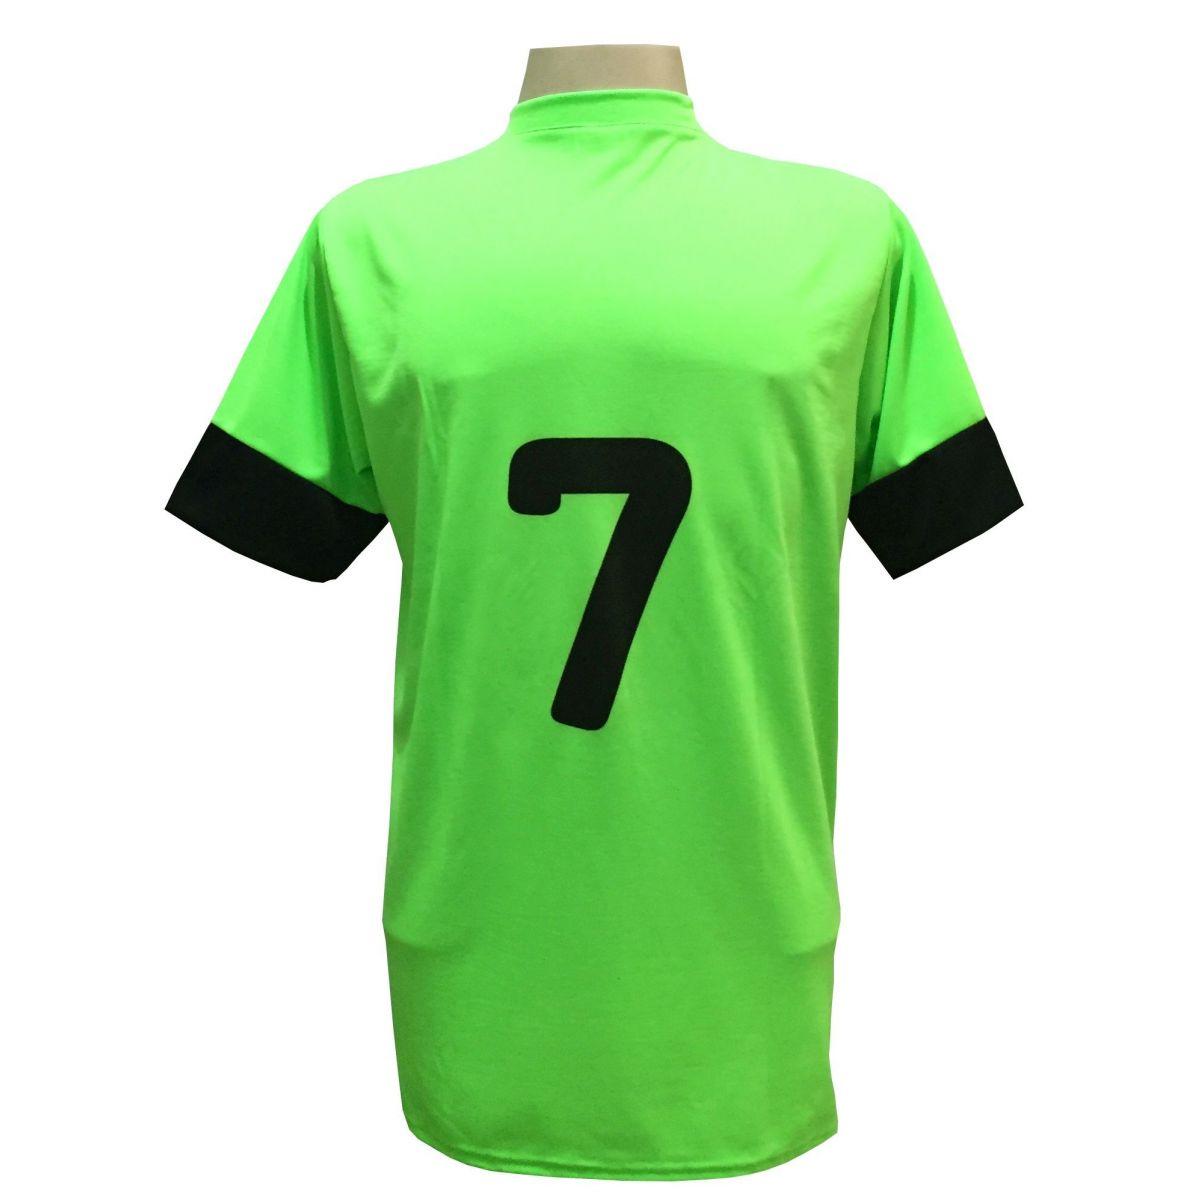 Fardamento Completo modelo Columbus 18+2 (18 Camisas Limão/Preto + 18 Calções Madrid Preto + 18 Pares de Meiões Pretos + 2 Conjuntos de Goleiro) + Brindes